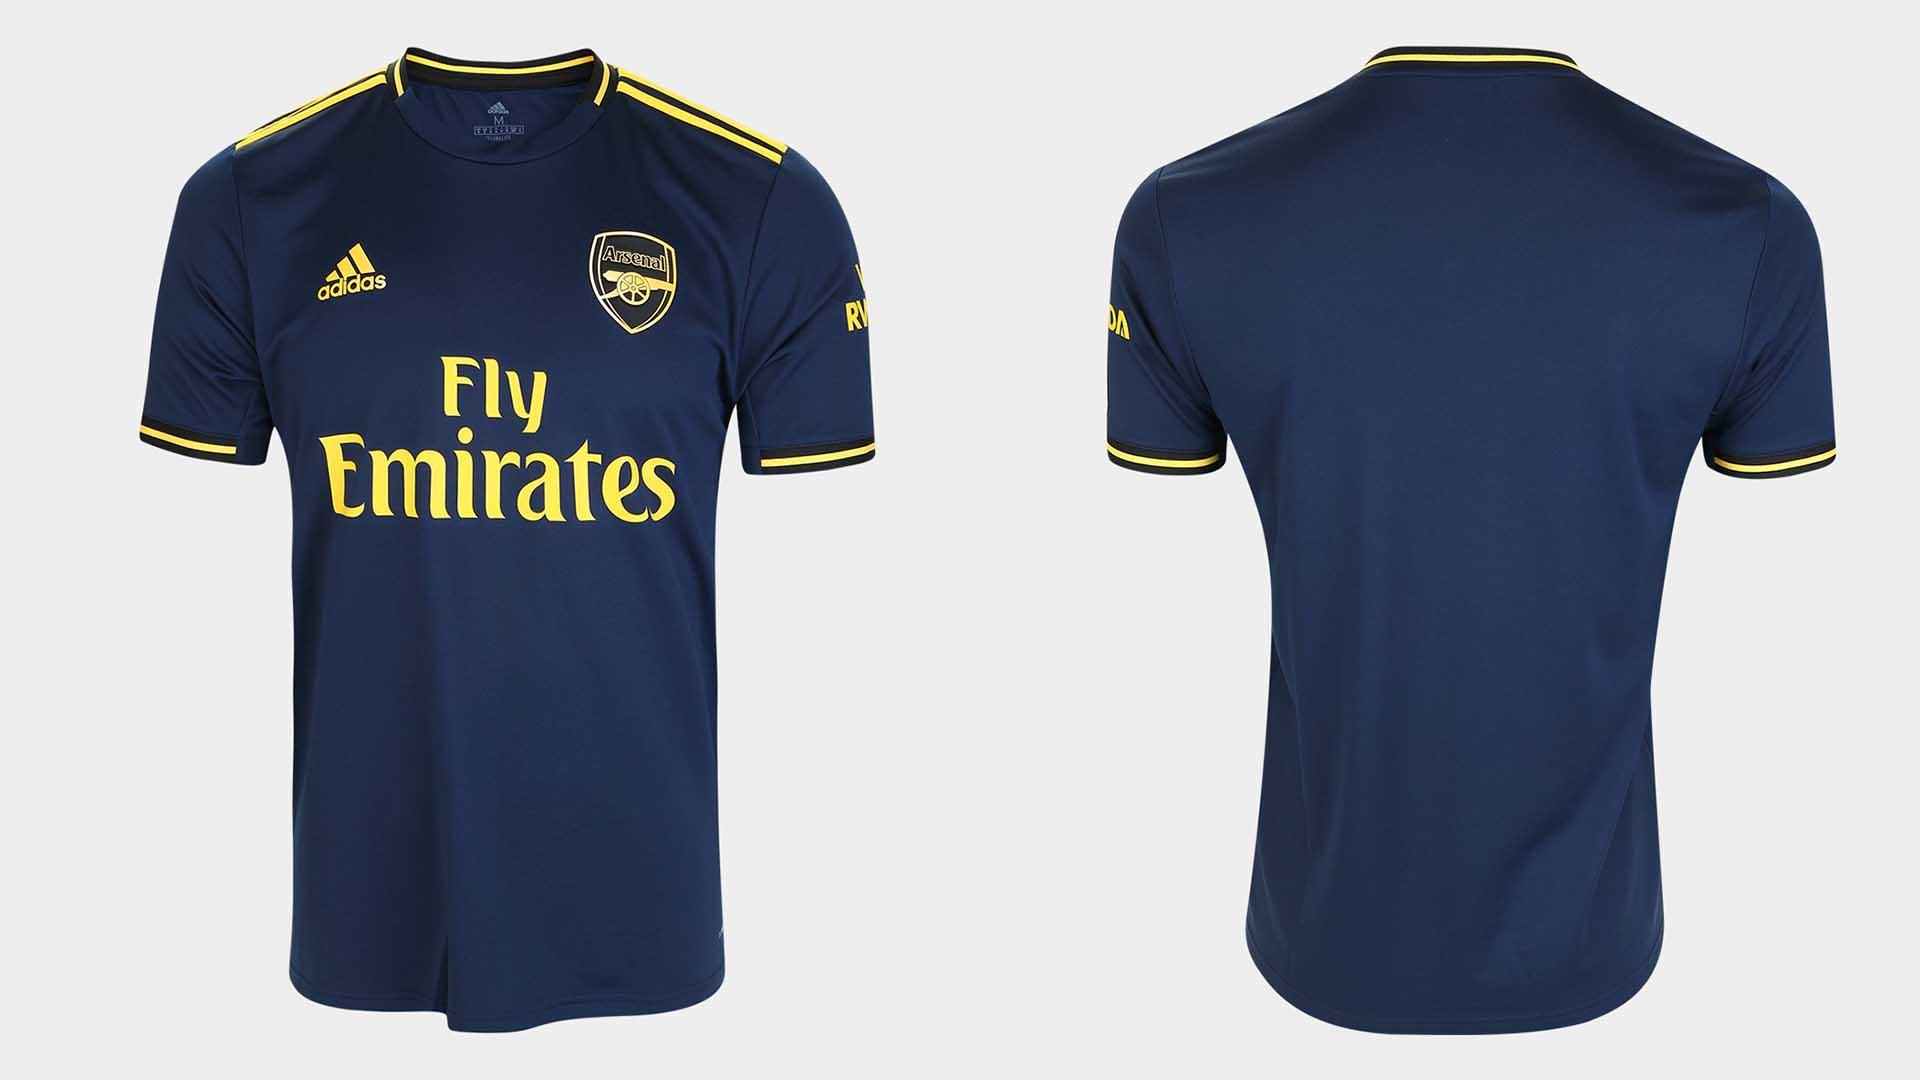 terceiro uniforme arsenal 2019 20